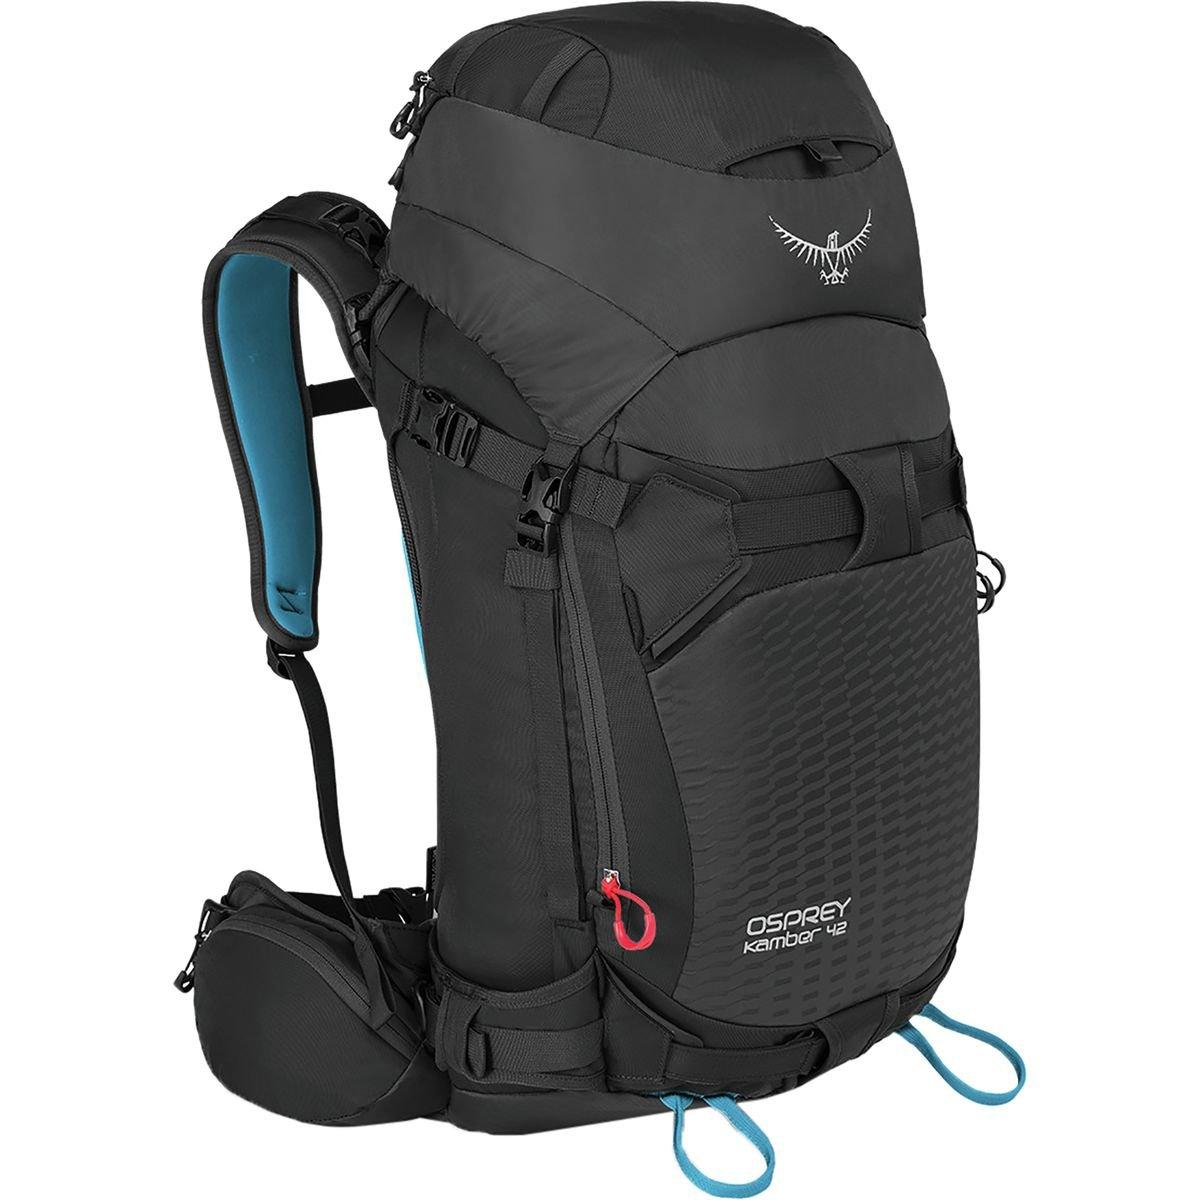 [オスプレーパック] メンズ バックパックリュックサック Kamber 42L Backpack [並行輸入品] B07CXFLQGG  Small / Medium